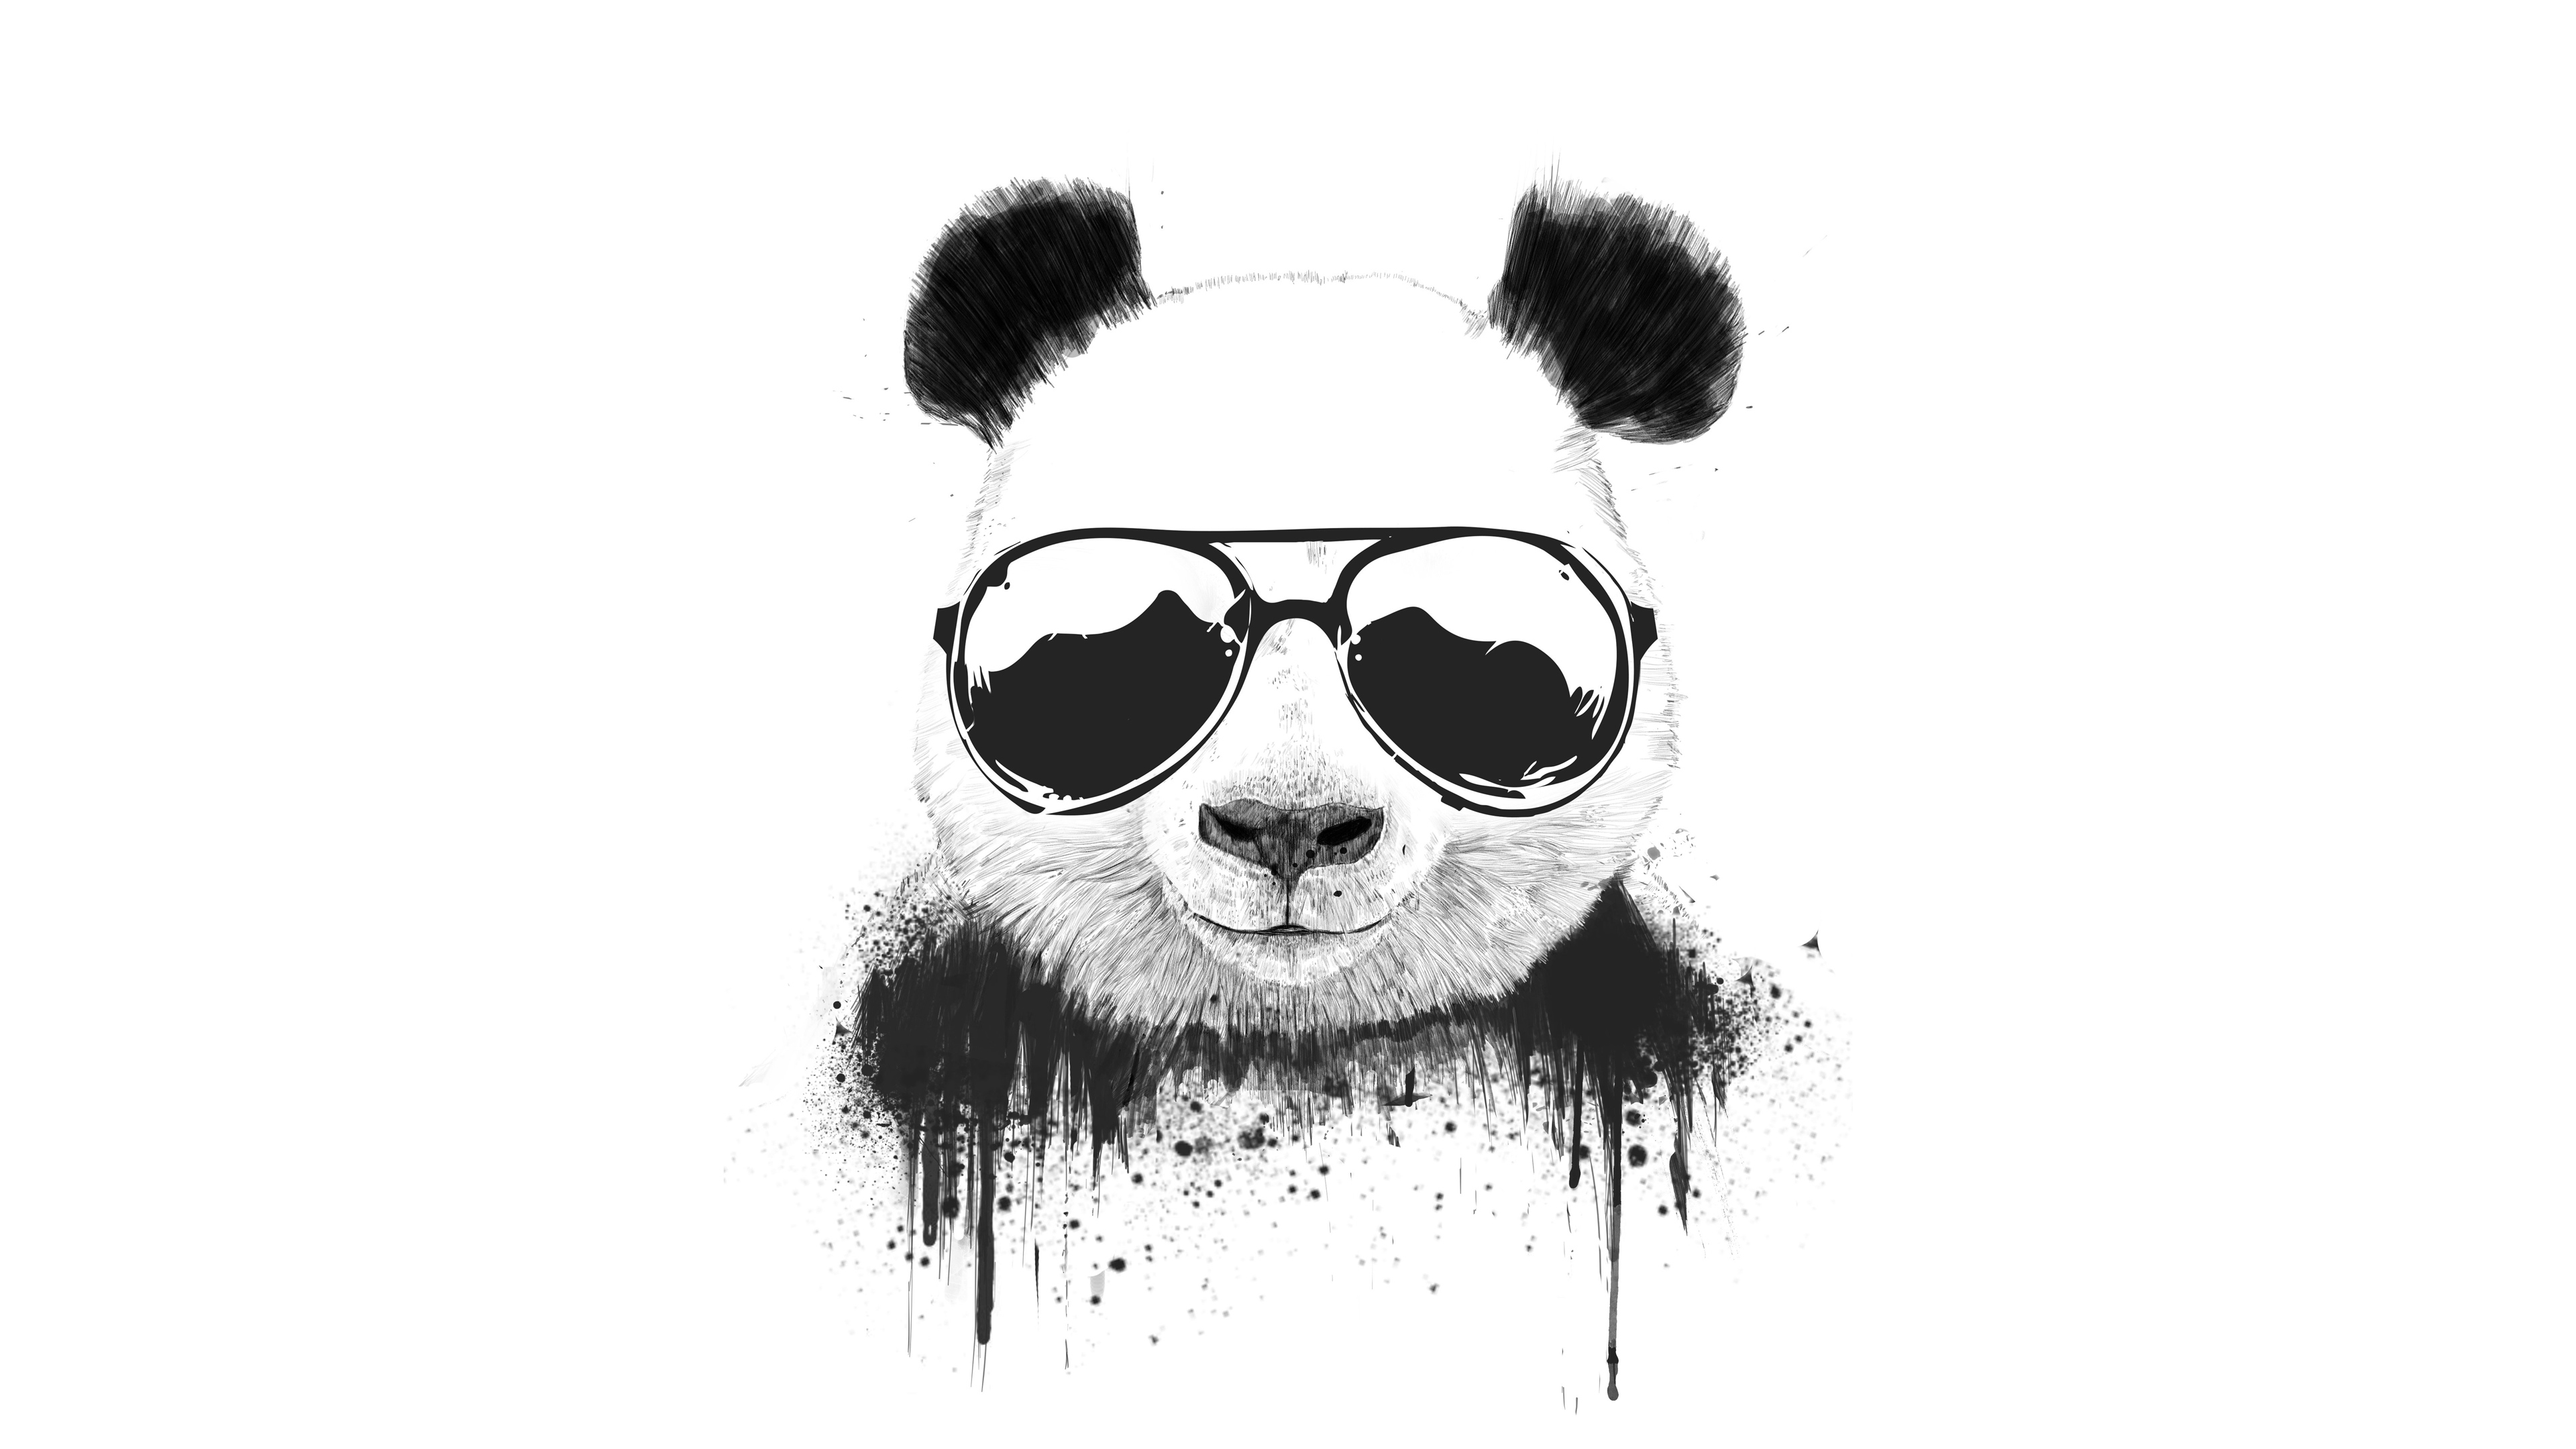 stay cool panda 1578254738 - Stay Cool Panda -